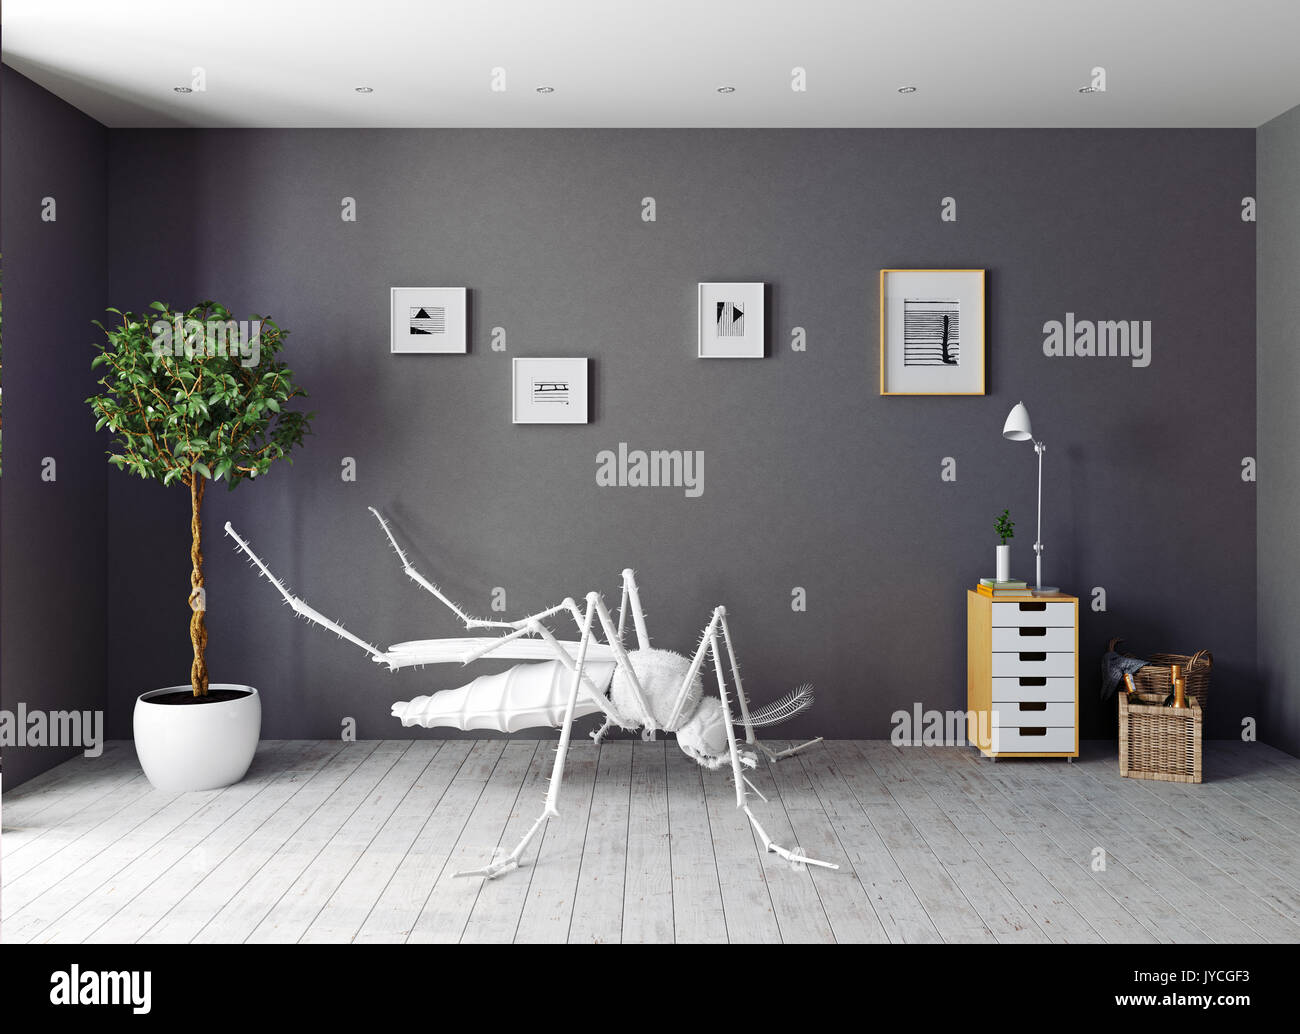 Fußboden 3d Bilder ~ Die weiße mücke auf dem fußboden im wohnzimmer d konzept